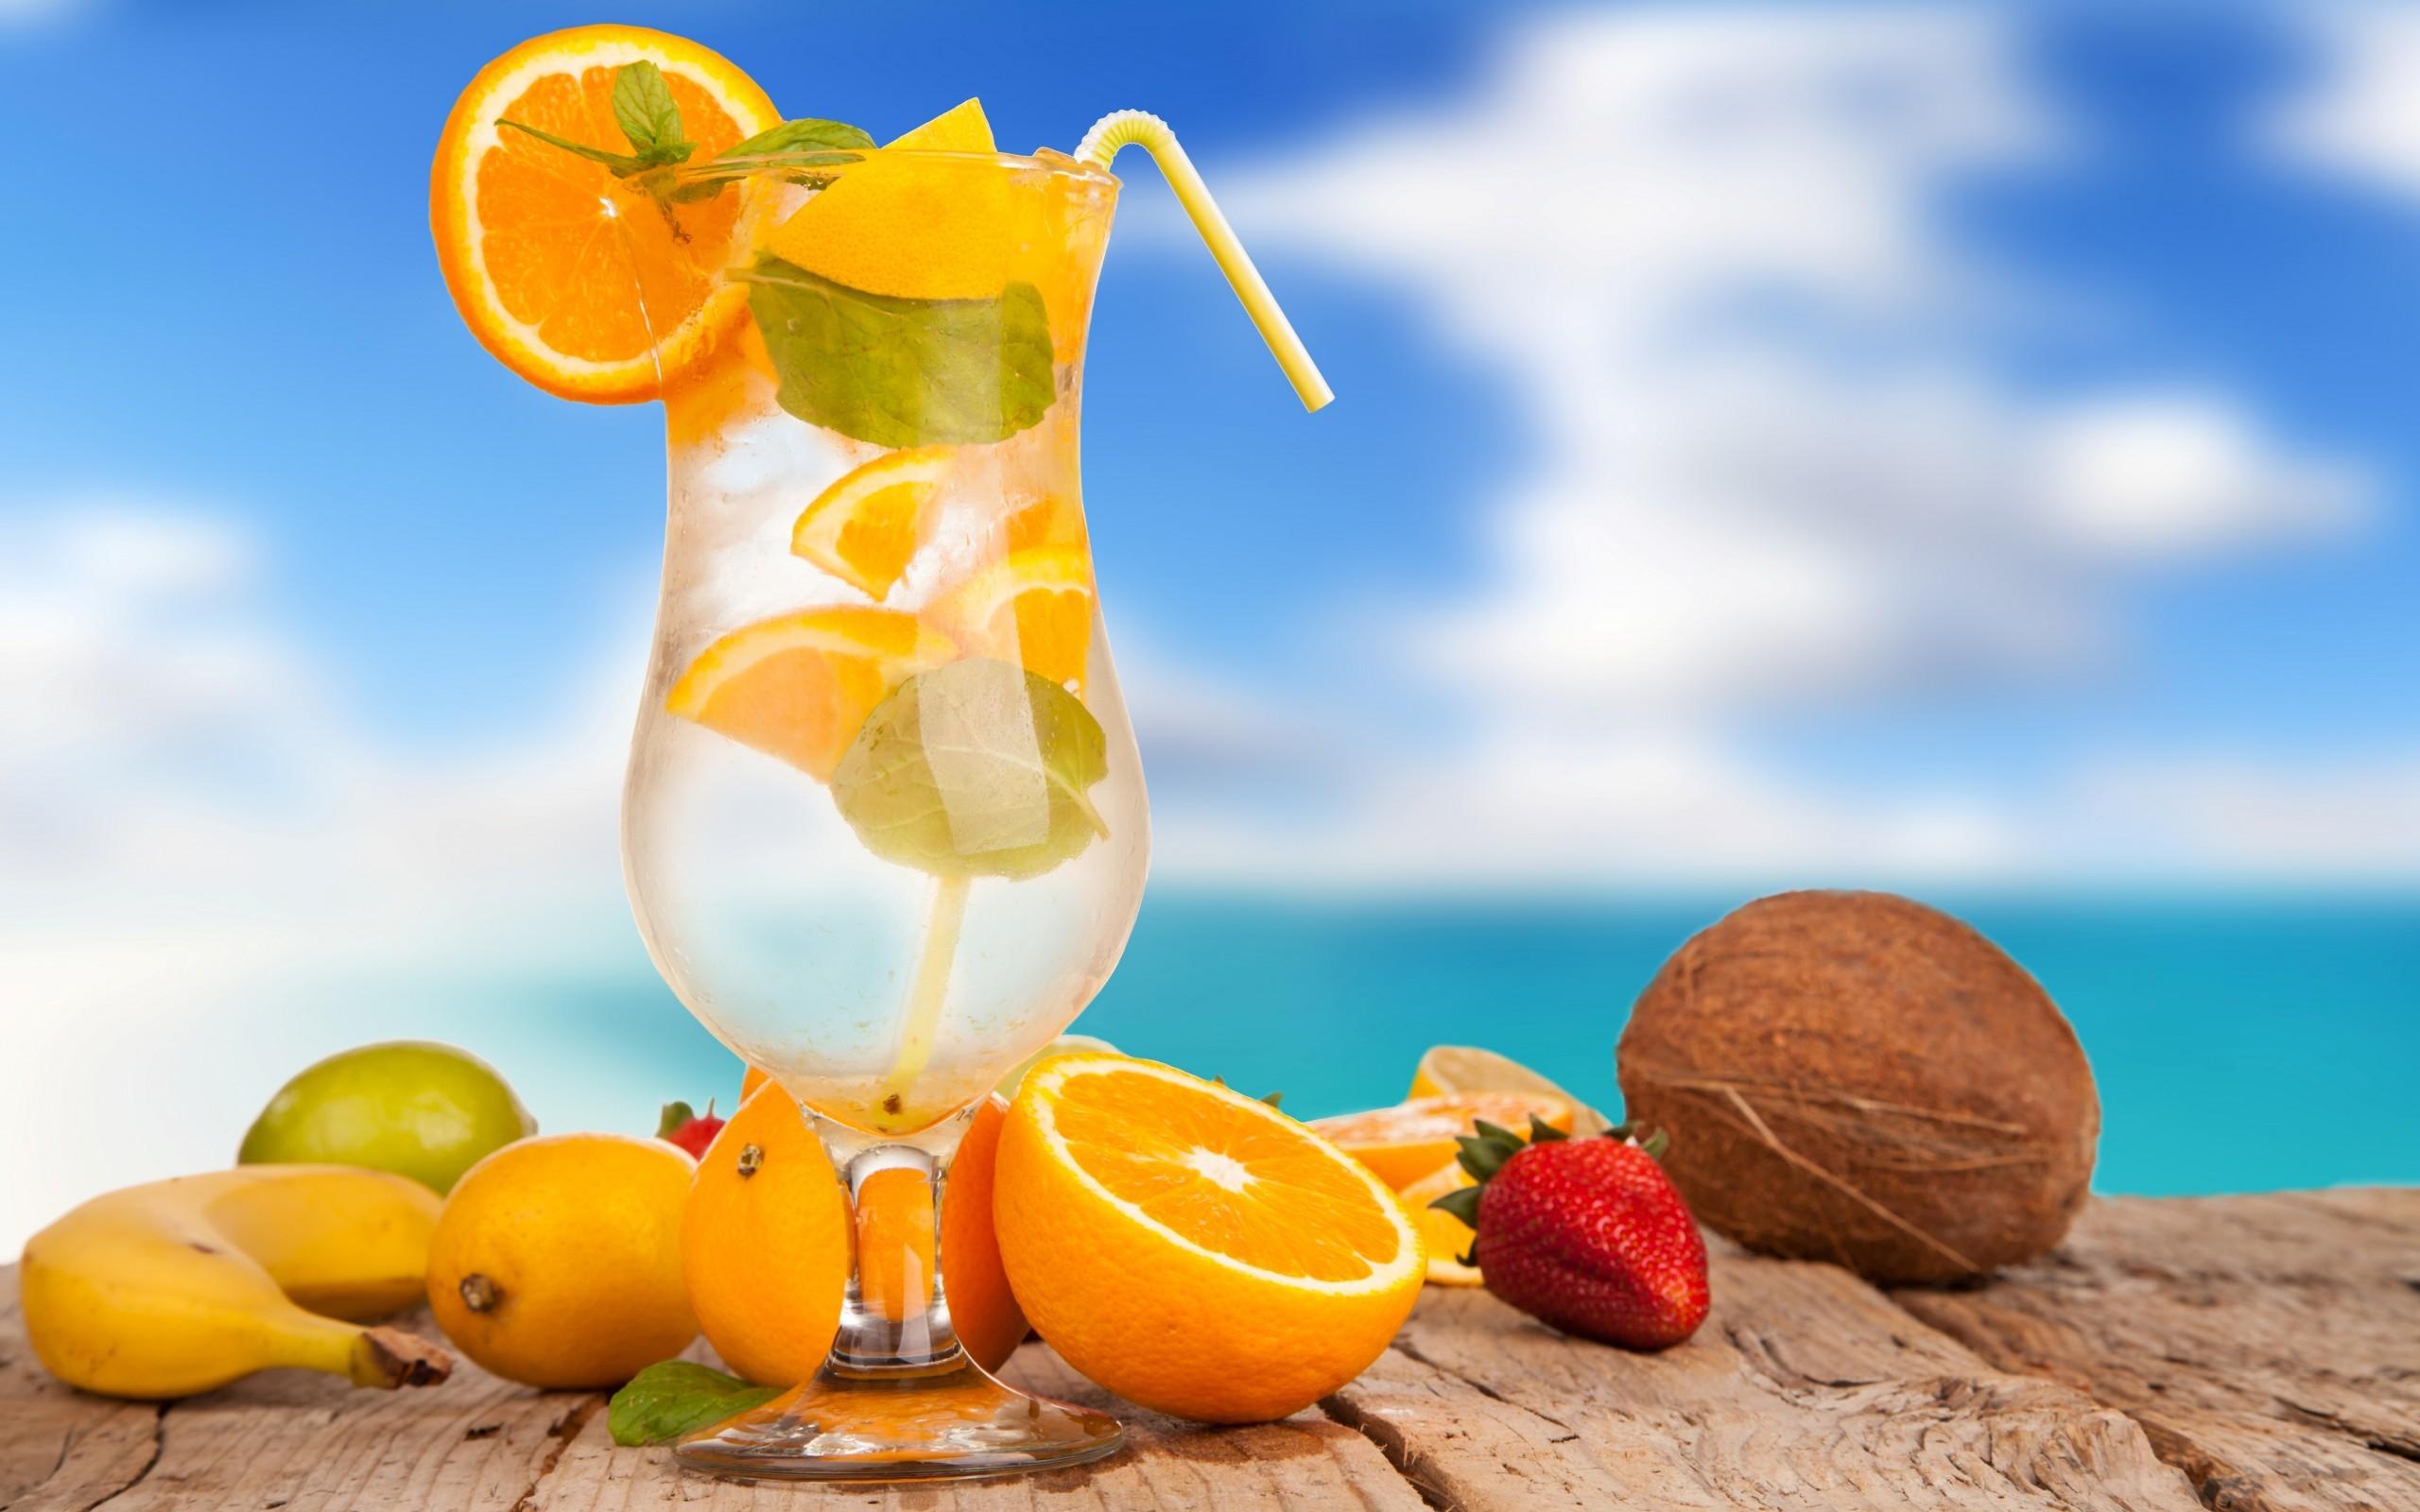 Summer Wallpapers Download Desktop Images Windows 10 2560x1600